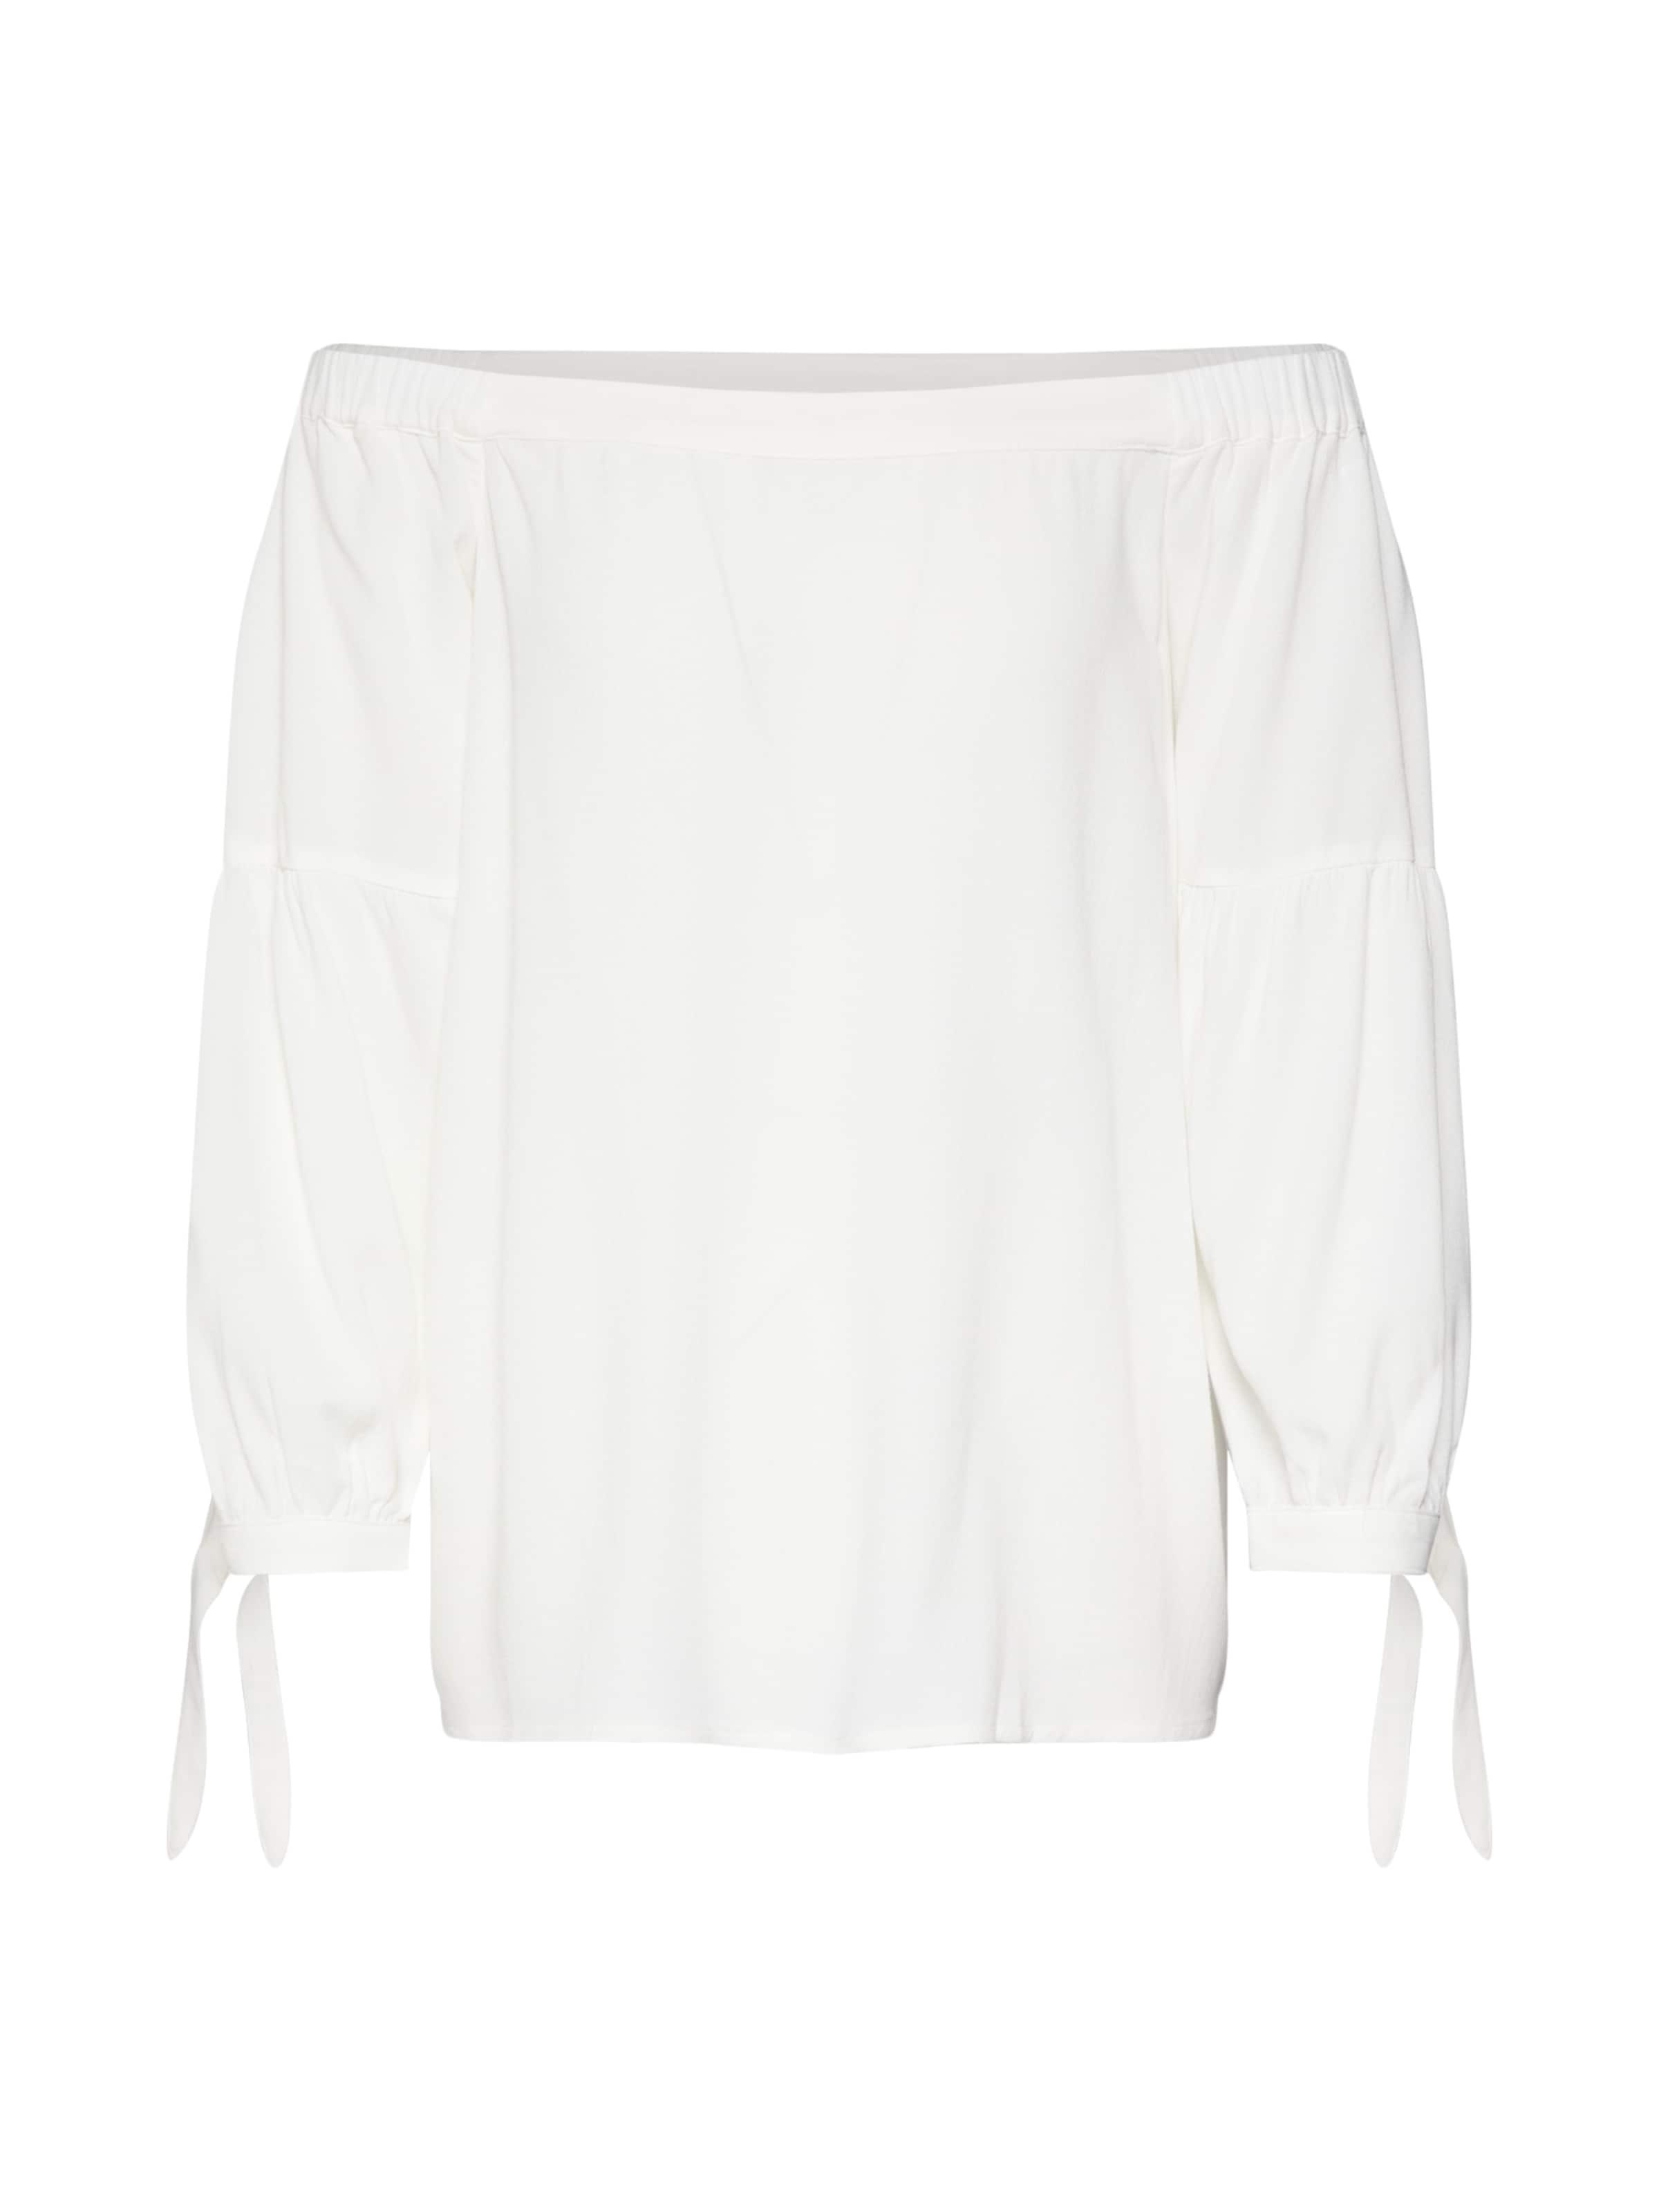 In Esprit Bluse Esprit Bluse Offwhite Bluse In Offwhite Esprit fm7yYbvI6g